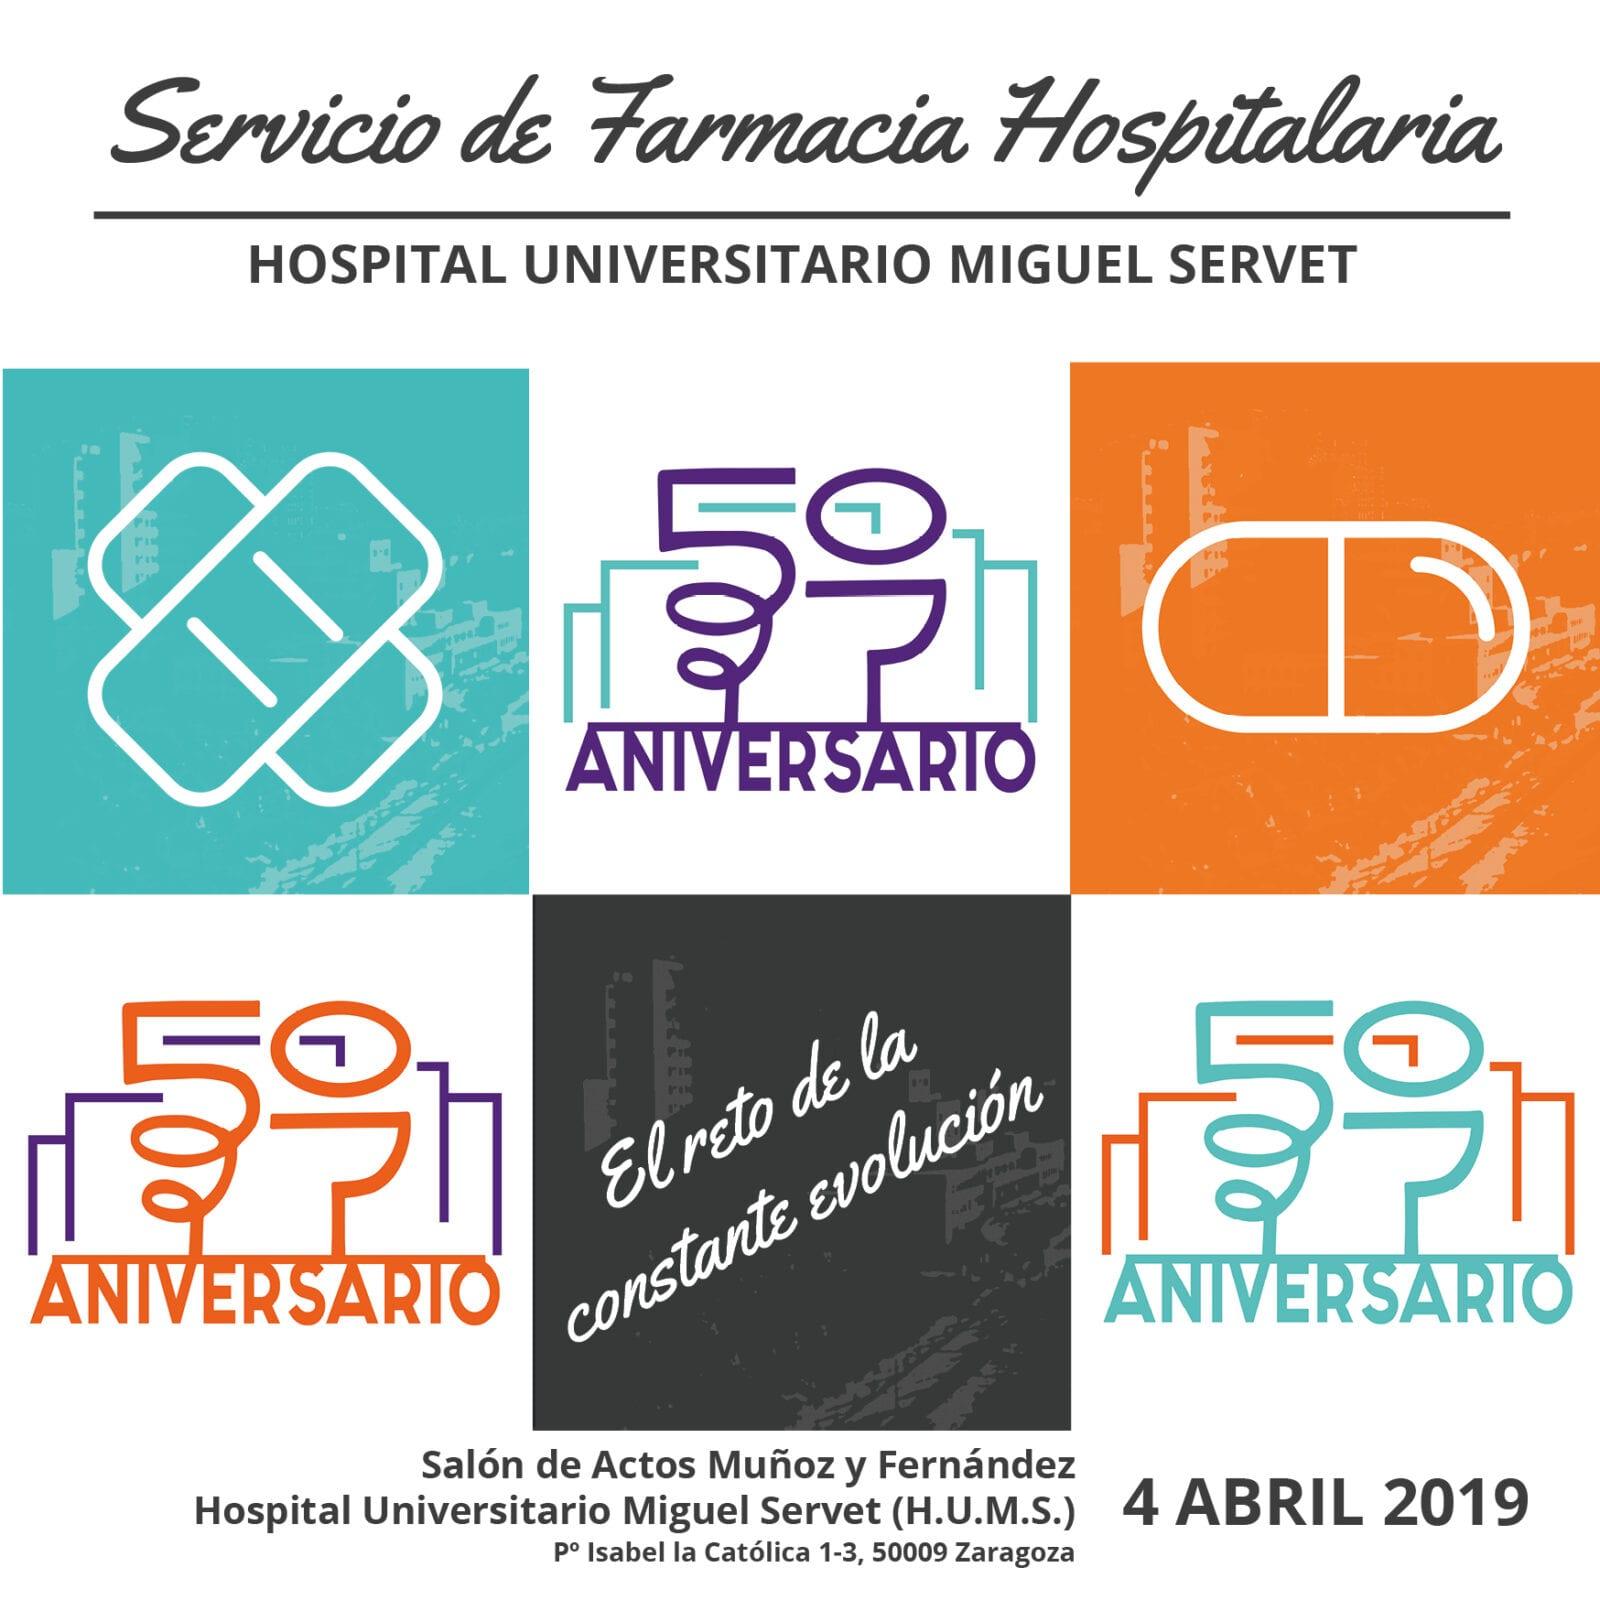 50 Aniversario Servicio Farmacia Hospitalaria - Hospital Universitario Miguel Servet